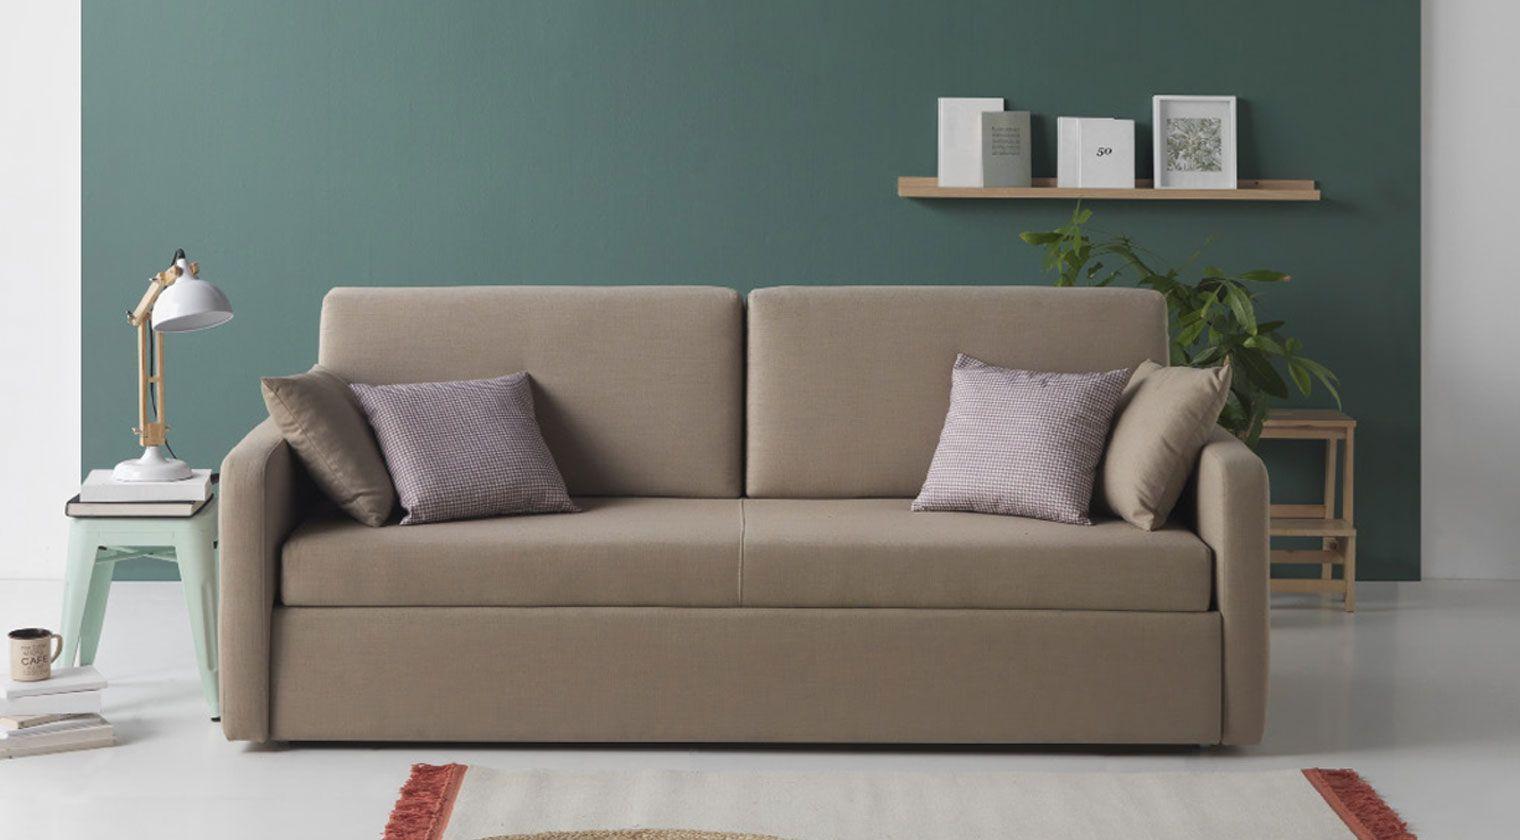 Comprar sof cama tours 1 plaza cama de 80x190 cm bonus for Sofa cama nido 1 plaza